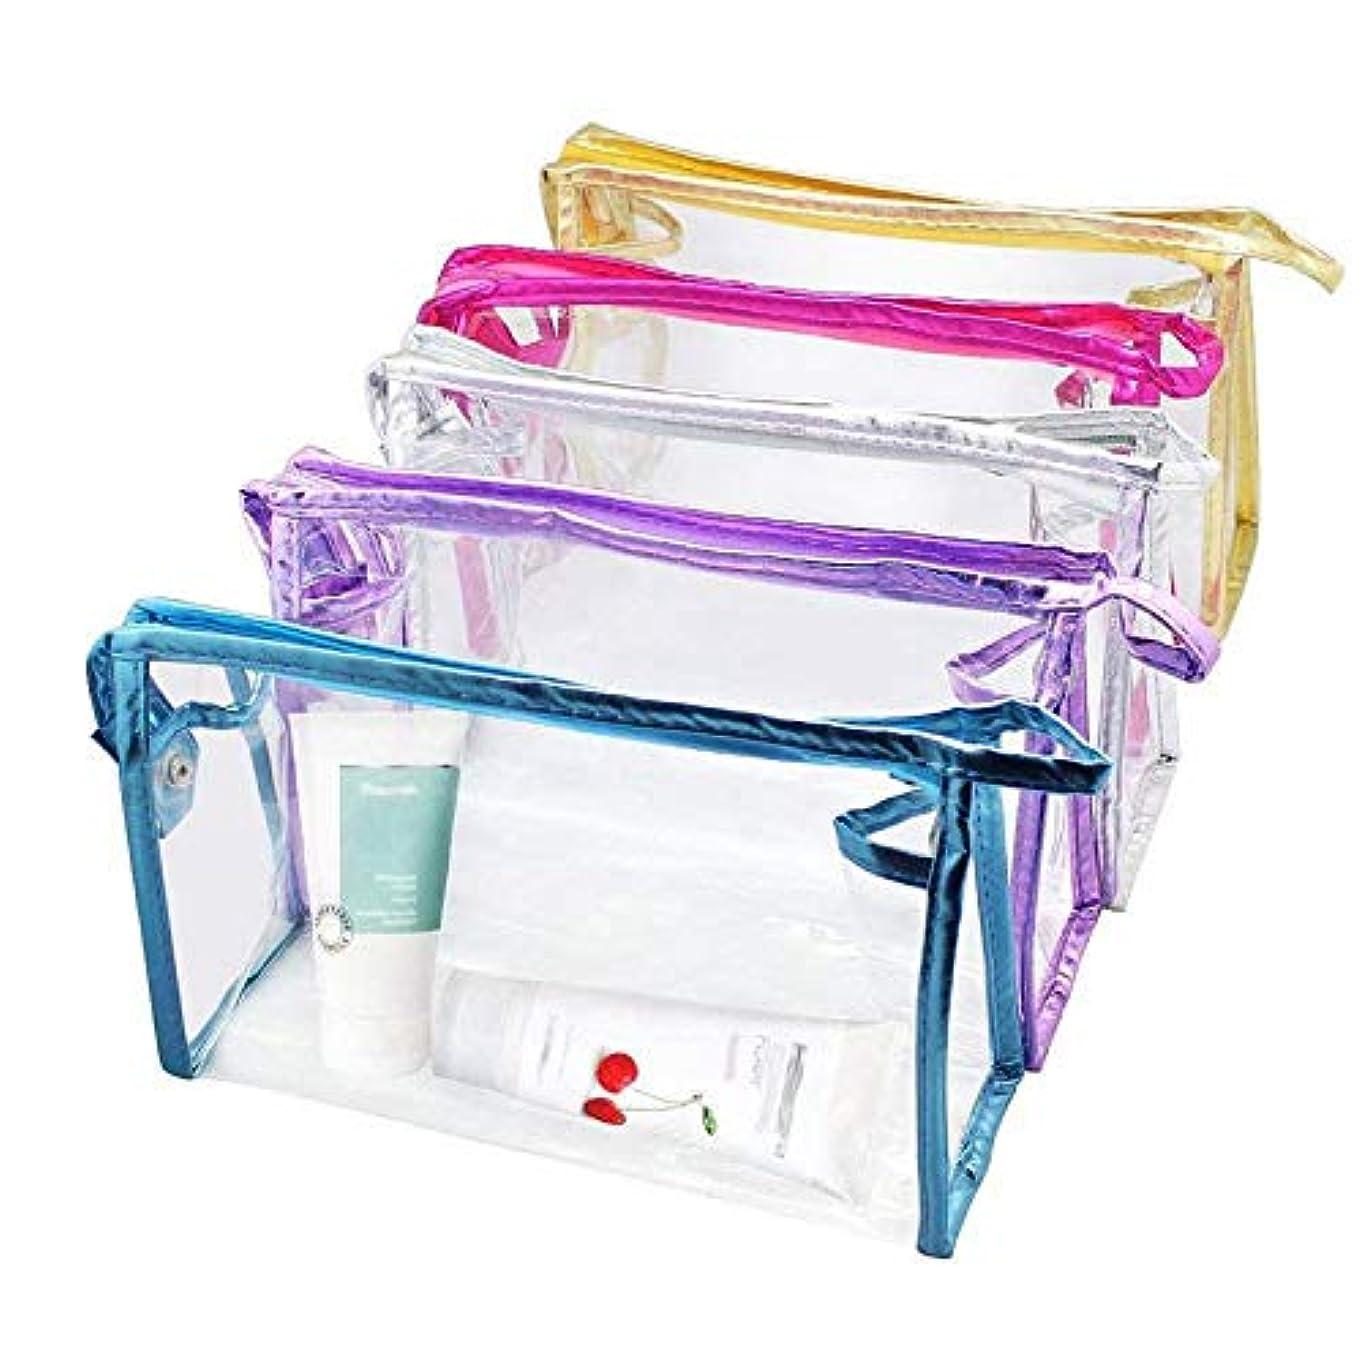 ぶどうかけるいつでもACAMPTAR 5個透明防水化粧品バッグ、PVCビニールジッパーウォッシュバッグ休暇、バスルームと整理バッグ旅行セット